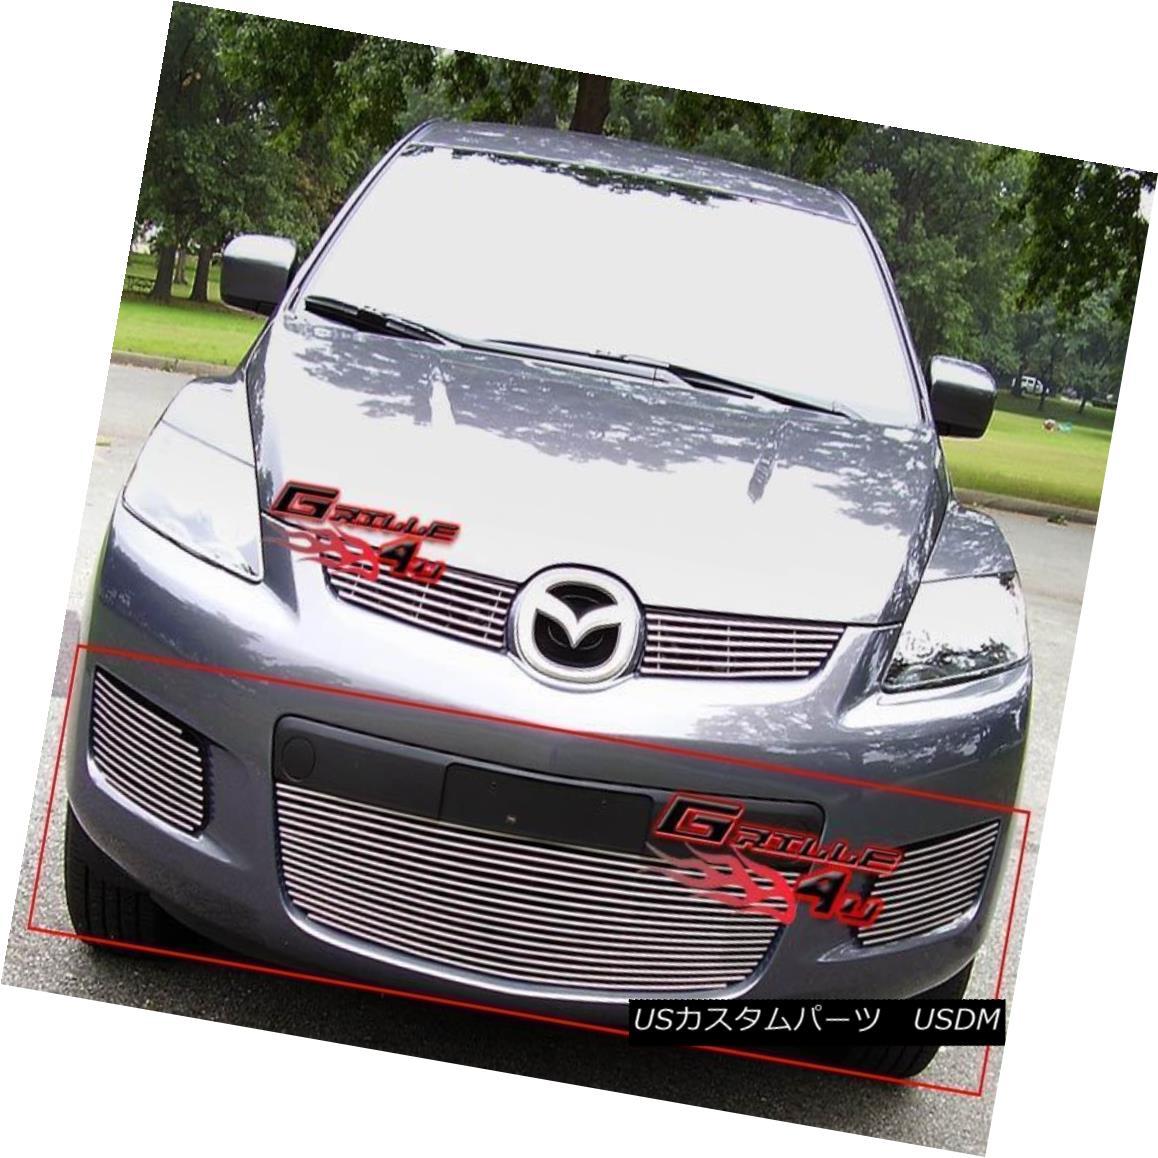 グリル Fits 2007-2009 Mazda CX-7 Lower Bumper Billet Grille Insert フィット2007-2009マツダCX-7ロワーバンパービレットグリルインサート, ランコシチョウ c7735d2d